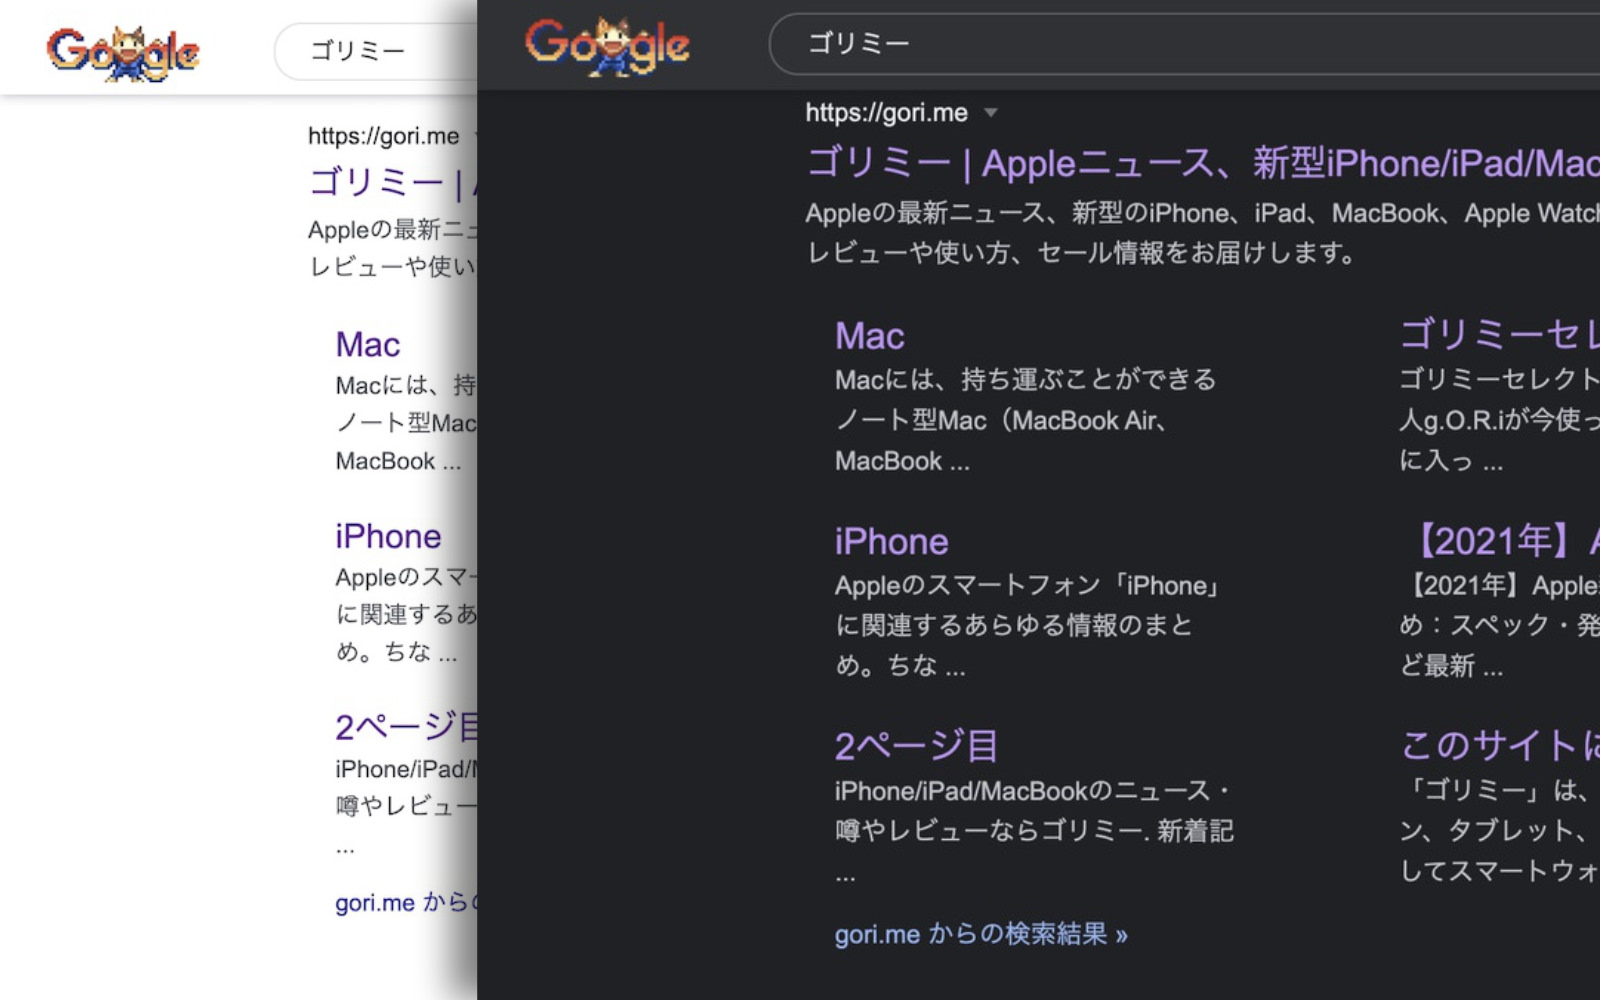 Google Chrome Dark Mode and Light Mode